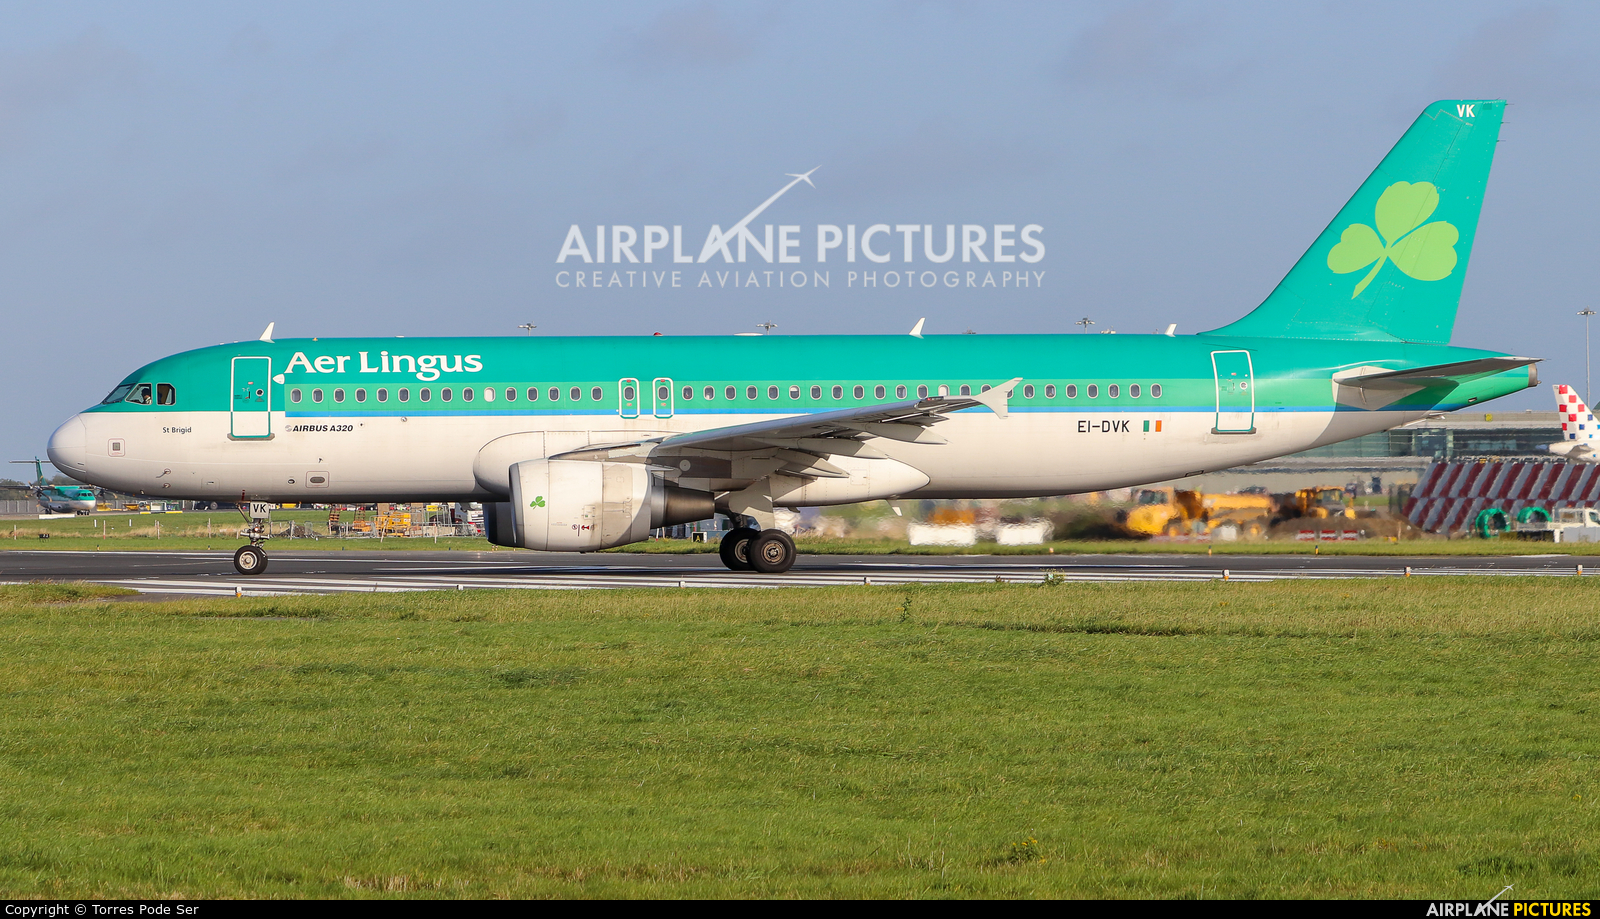 Aer Lingus EI-DVK aircraft at Dublin